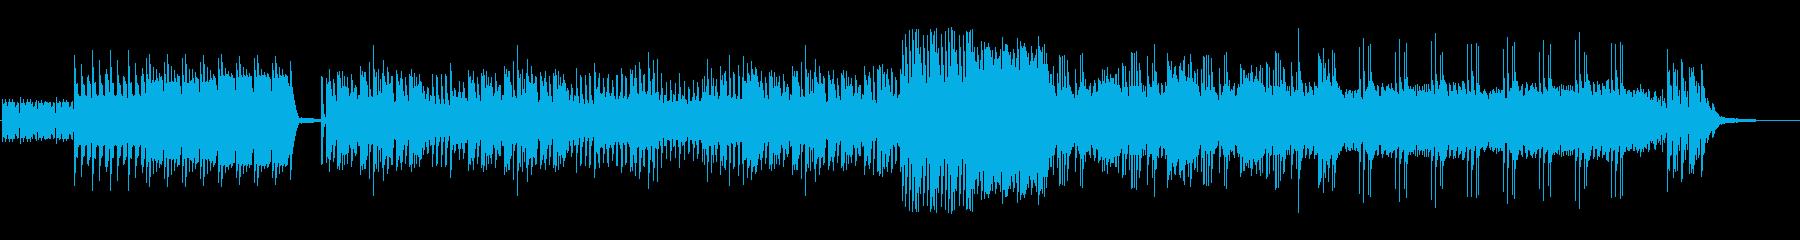 元気で力強いピアノソロ2の再生済みの波形